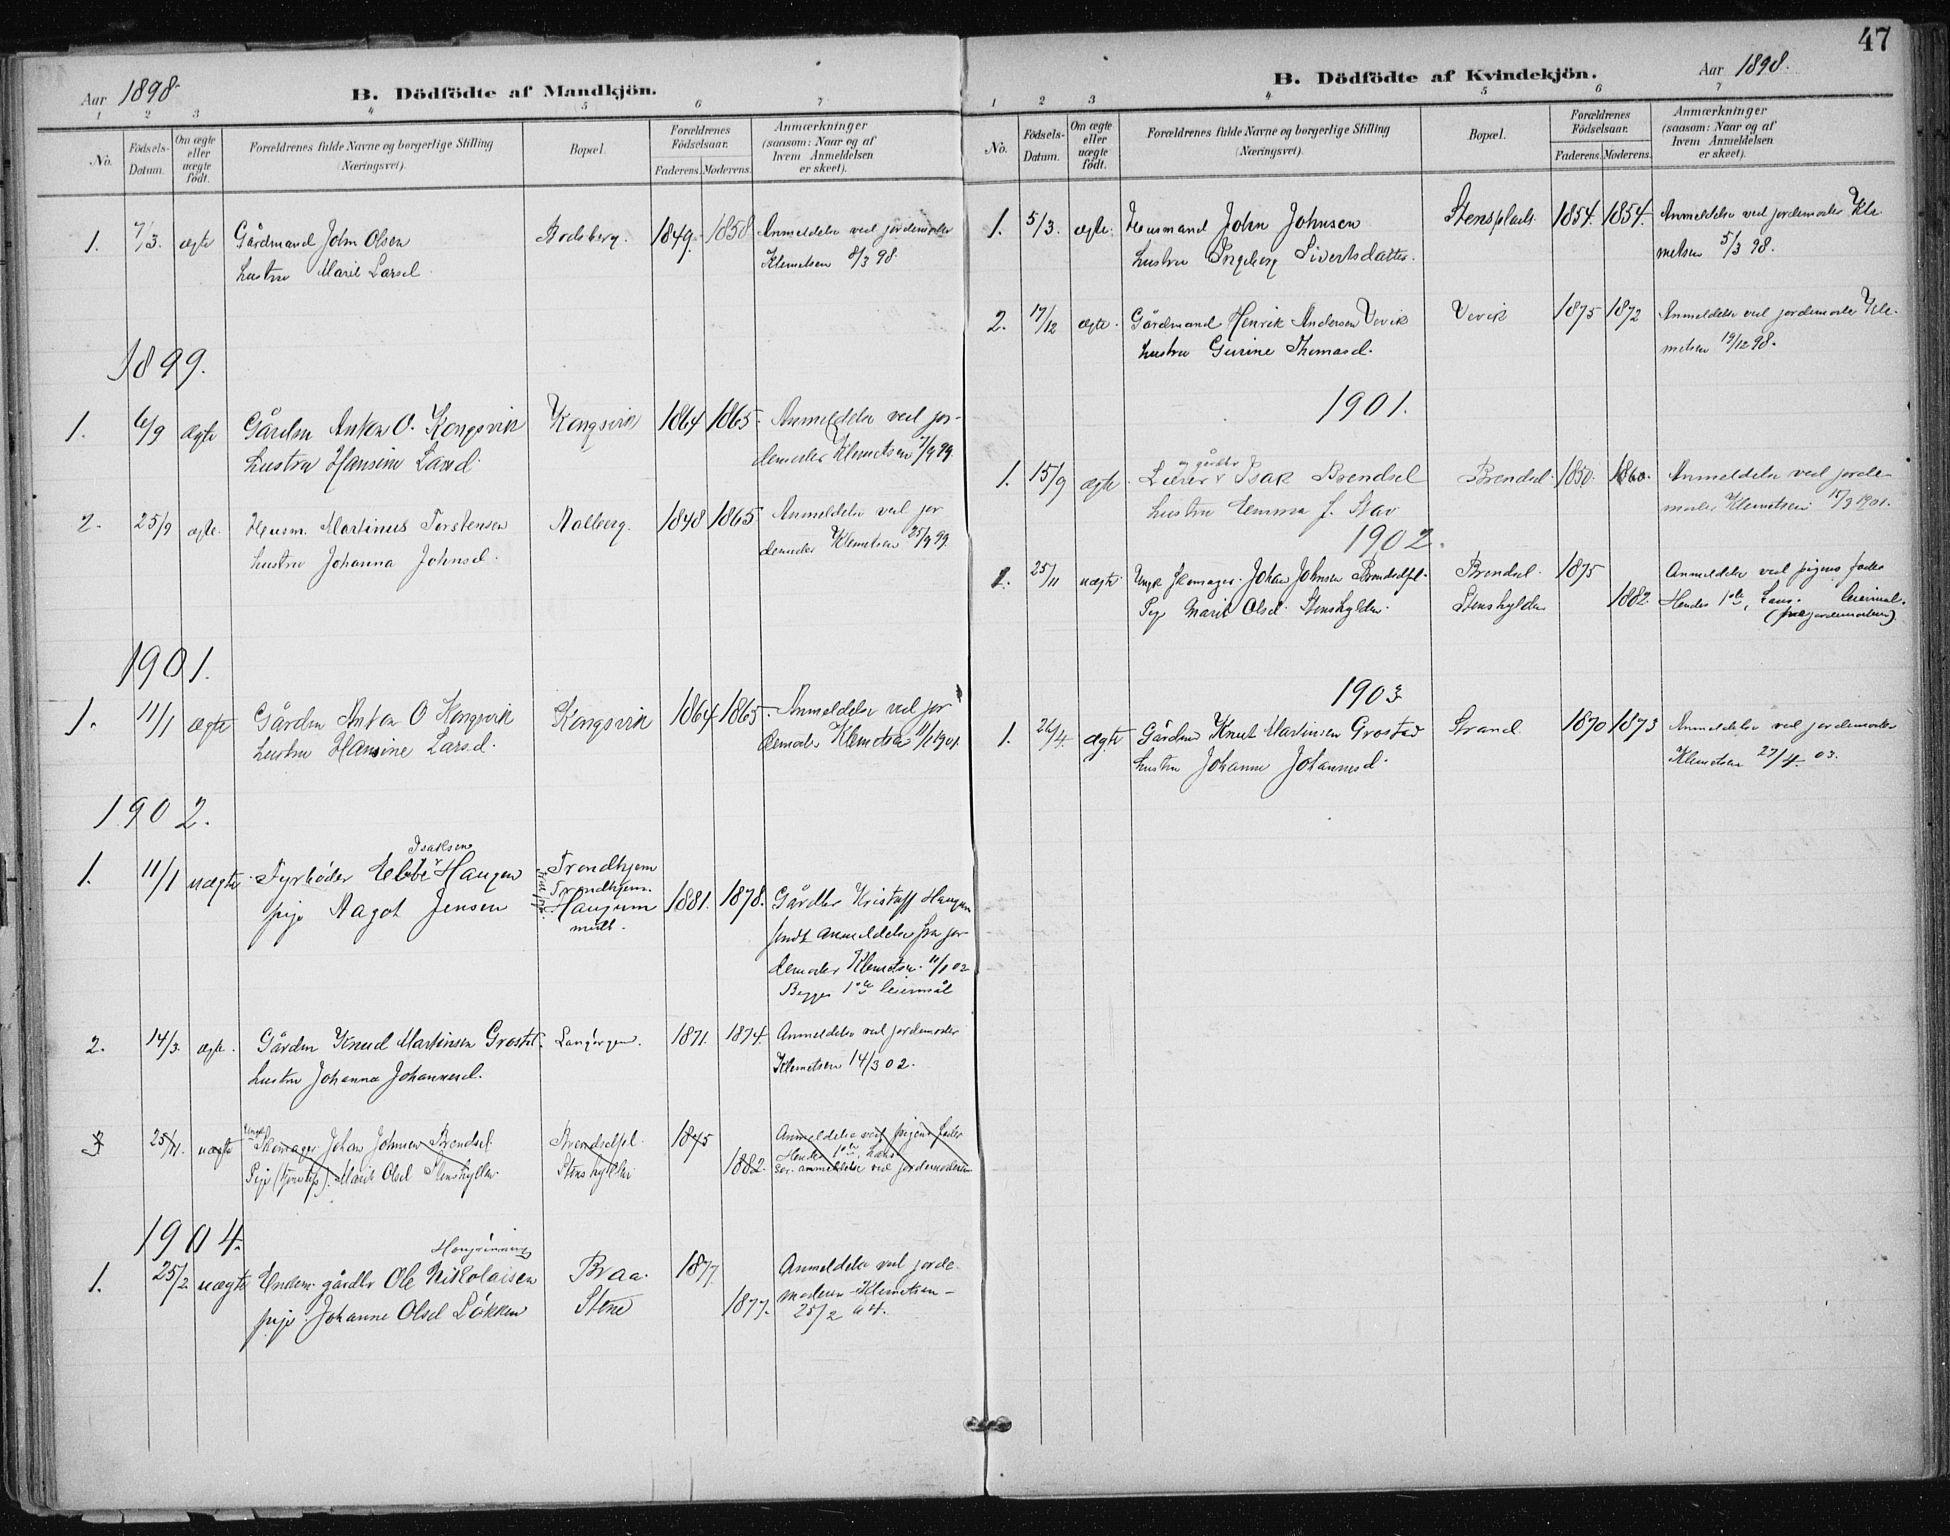 SAT, Ministerialprotokoller, klokkerbøker og fødselsregistre - Sør-Trøndelag, 612/L0380: Ministerialbok nr. 612A12, 1898-1907, s. 47